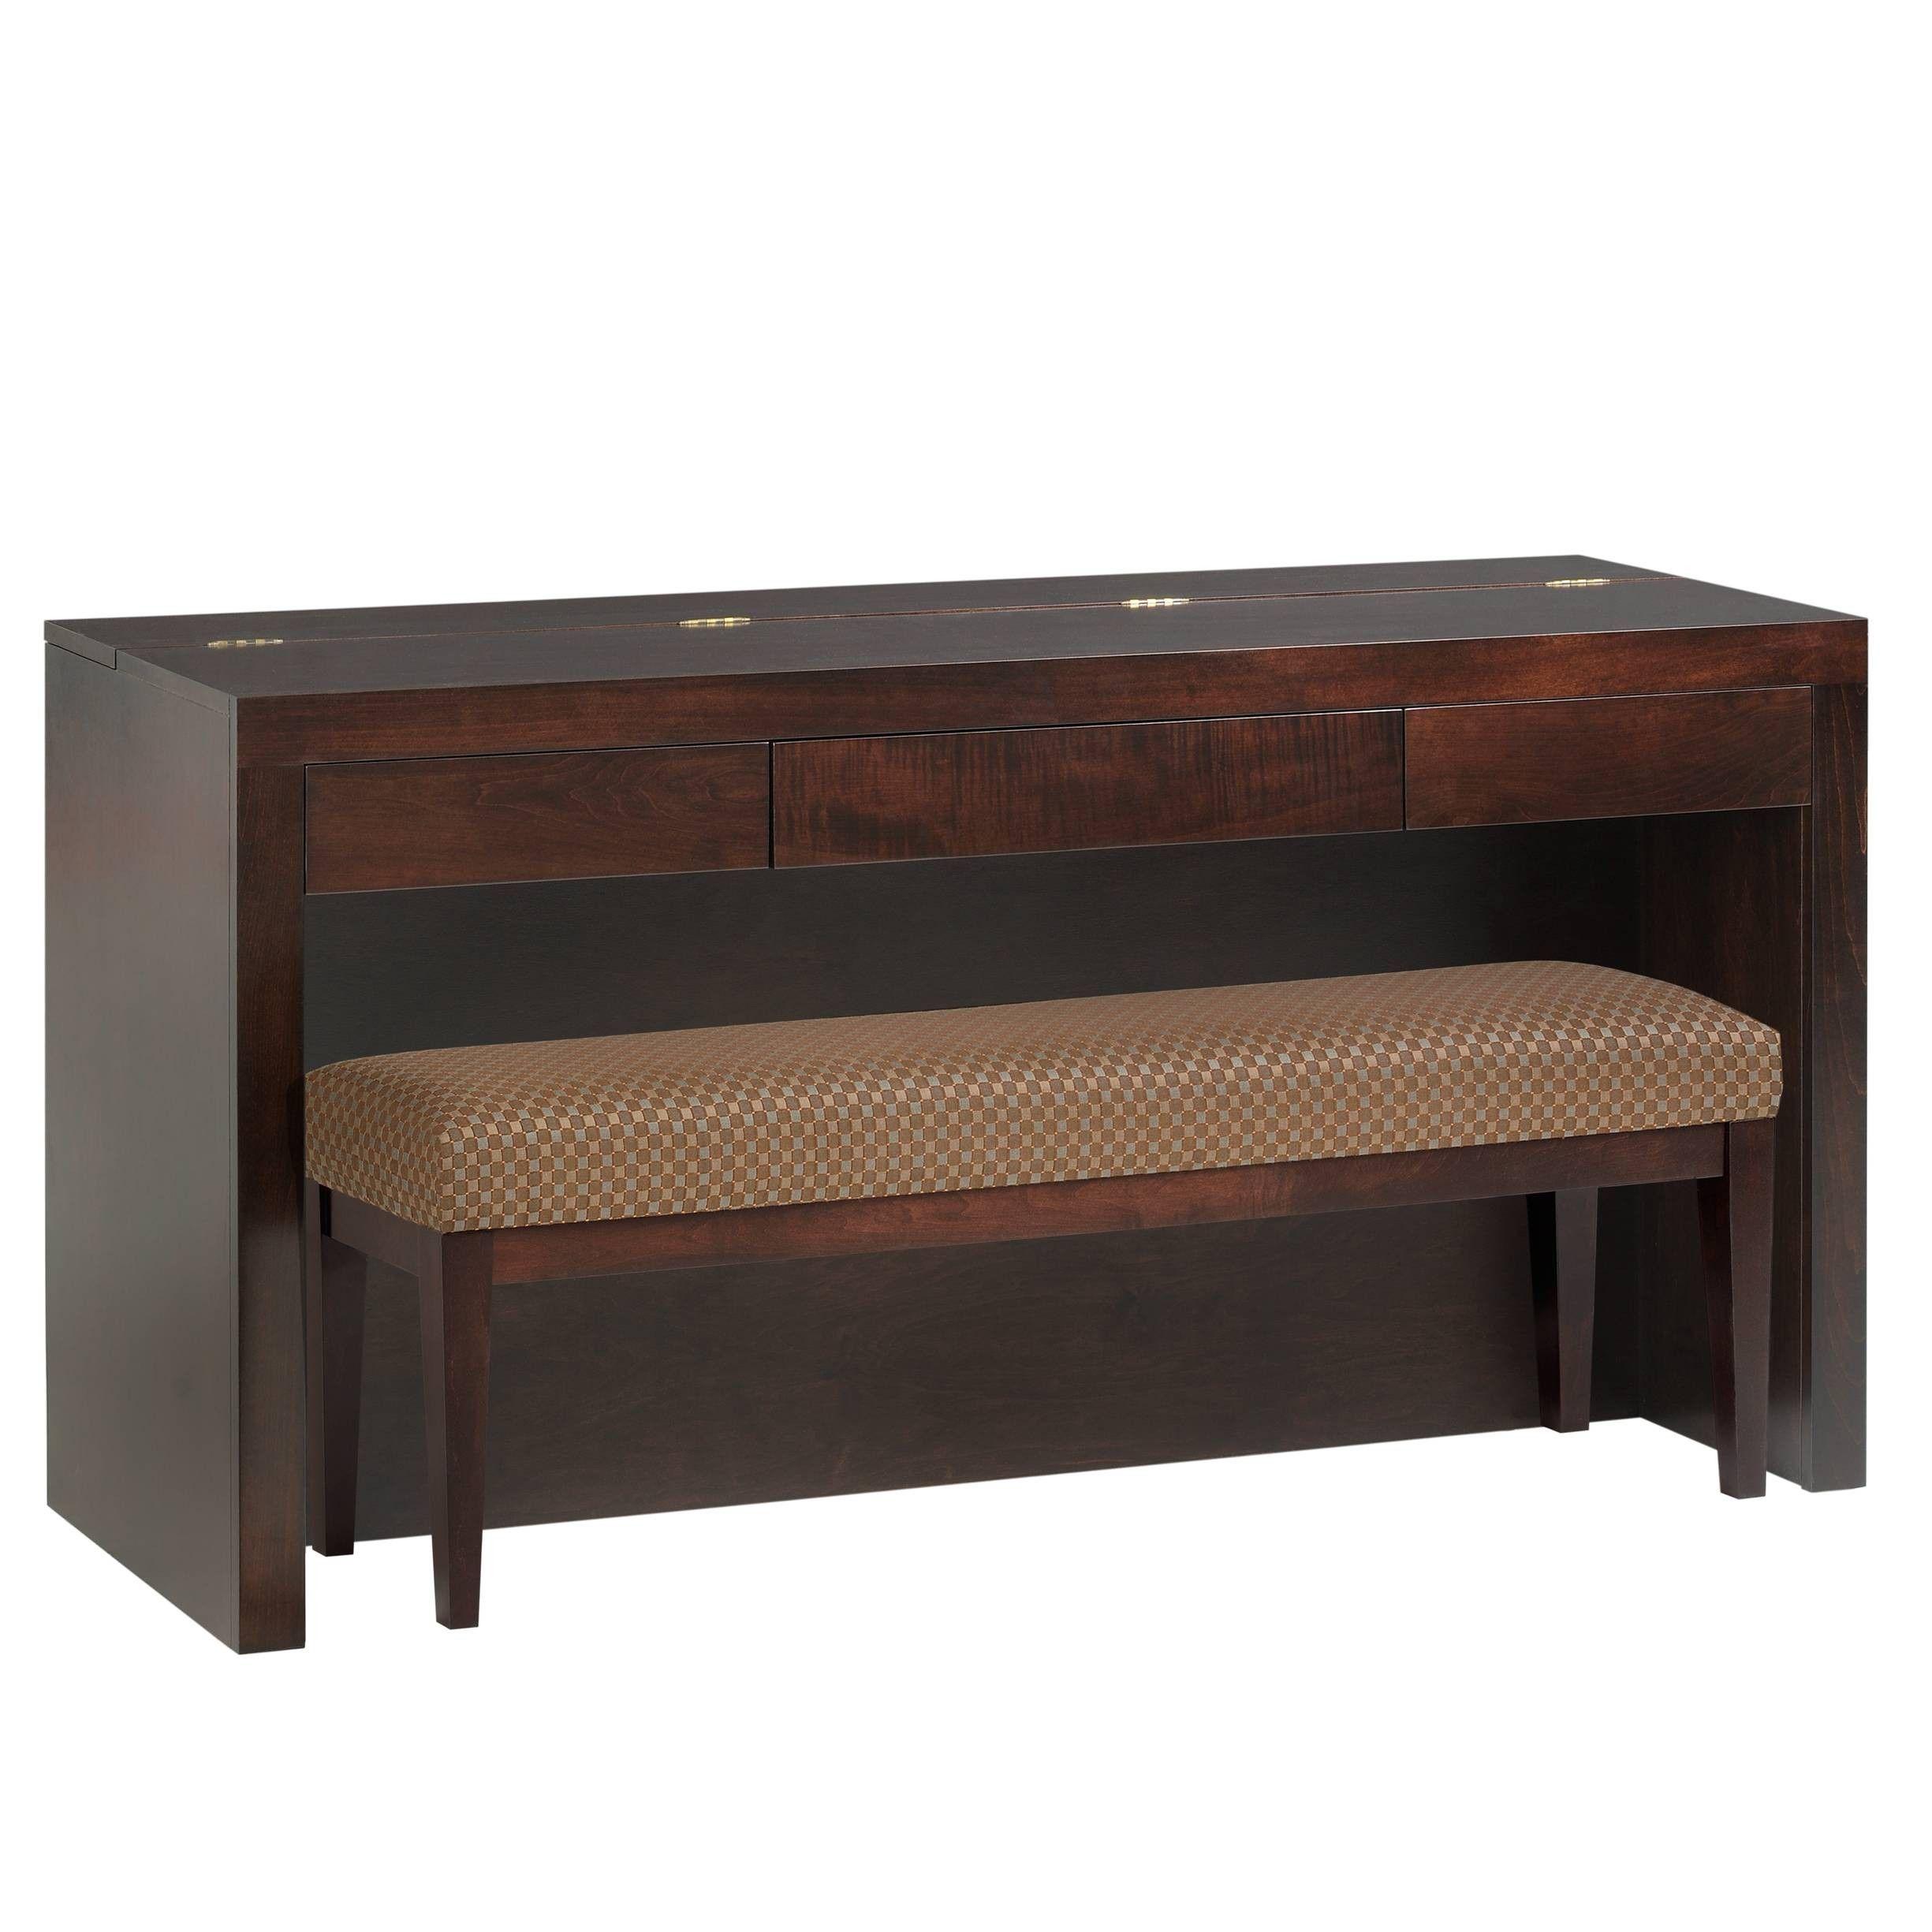 Cool Queen King Footboard Desk Lift W Bench Tv Lift Cabinet Tv Inzonedesignstudio Interior Chair Design Inzonedesignstudiocom